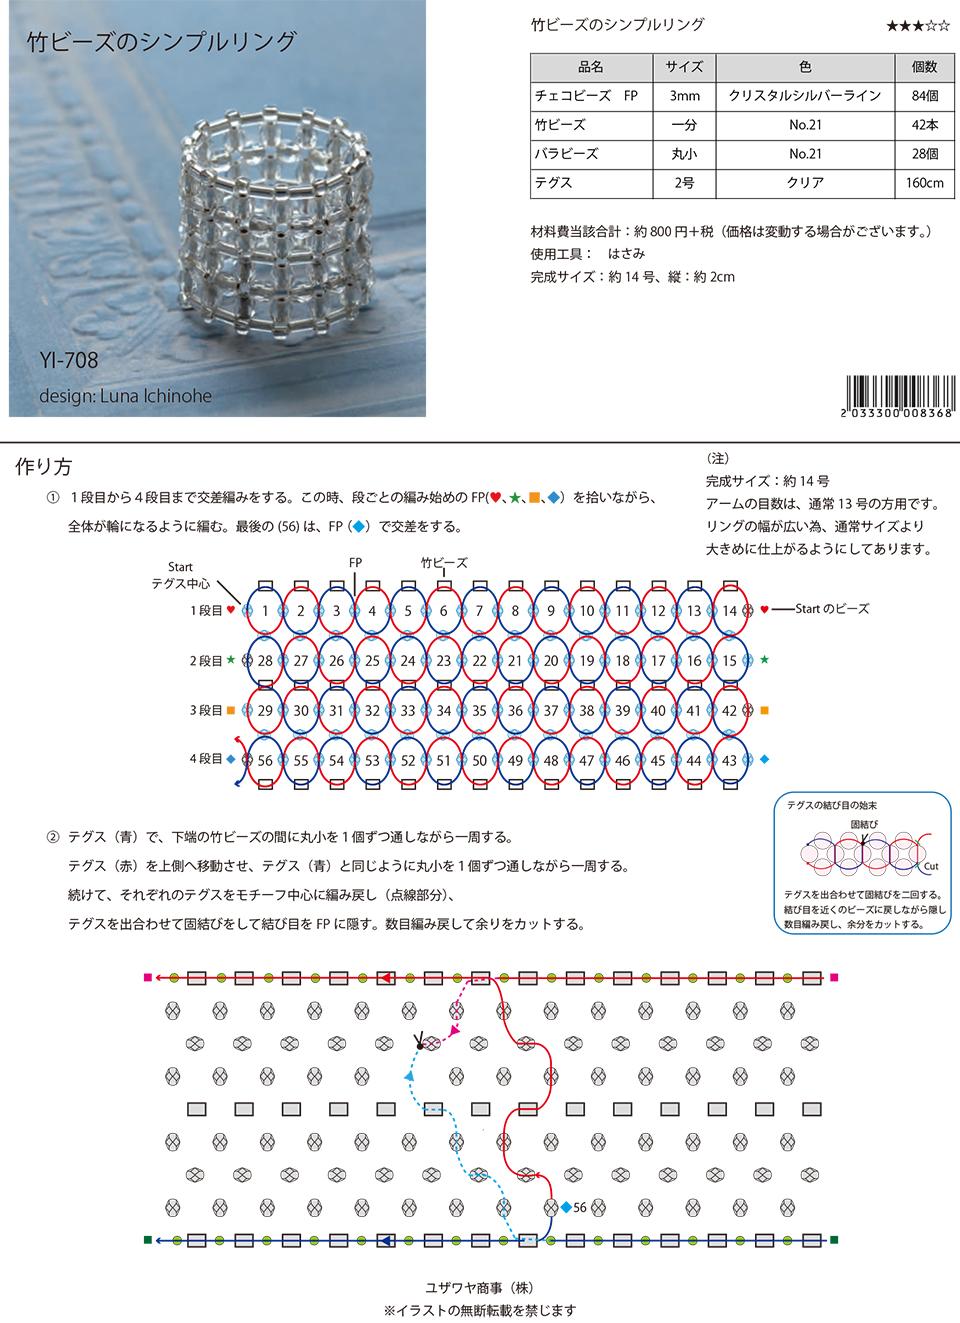 YI-708竹ビーズのシンプルリング_1.jpg